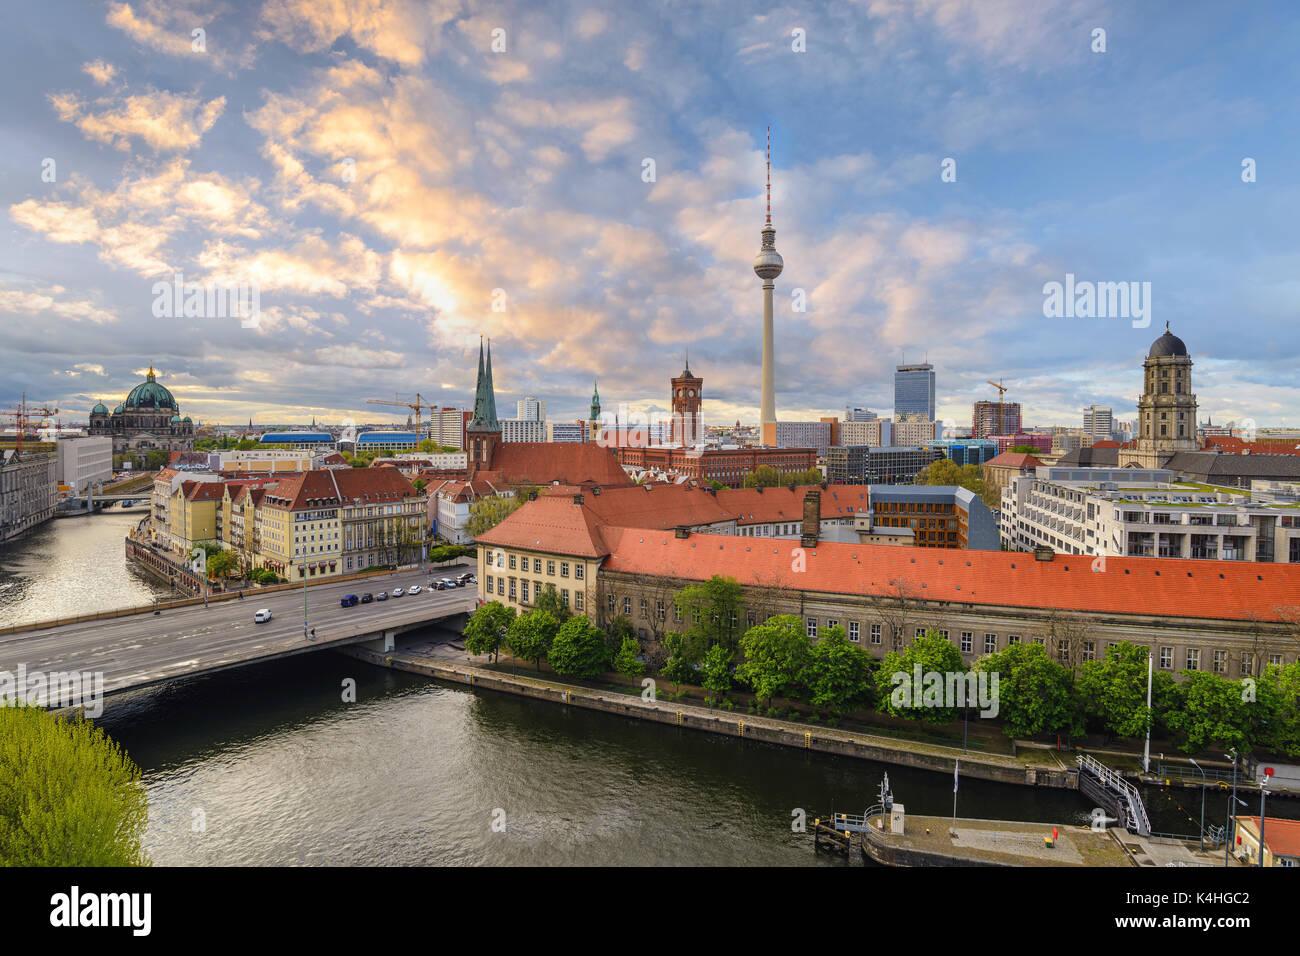 Berlín La ciudad al atardecer en el río Spree con la catedral de Berlín, Berlín, Alemania Imagen De Stock